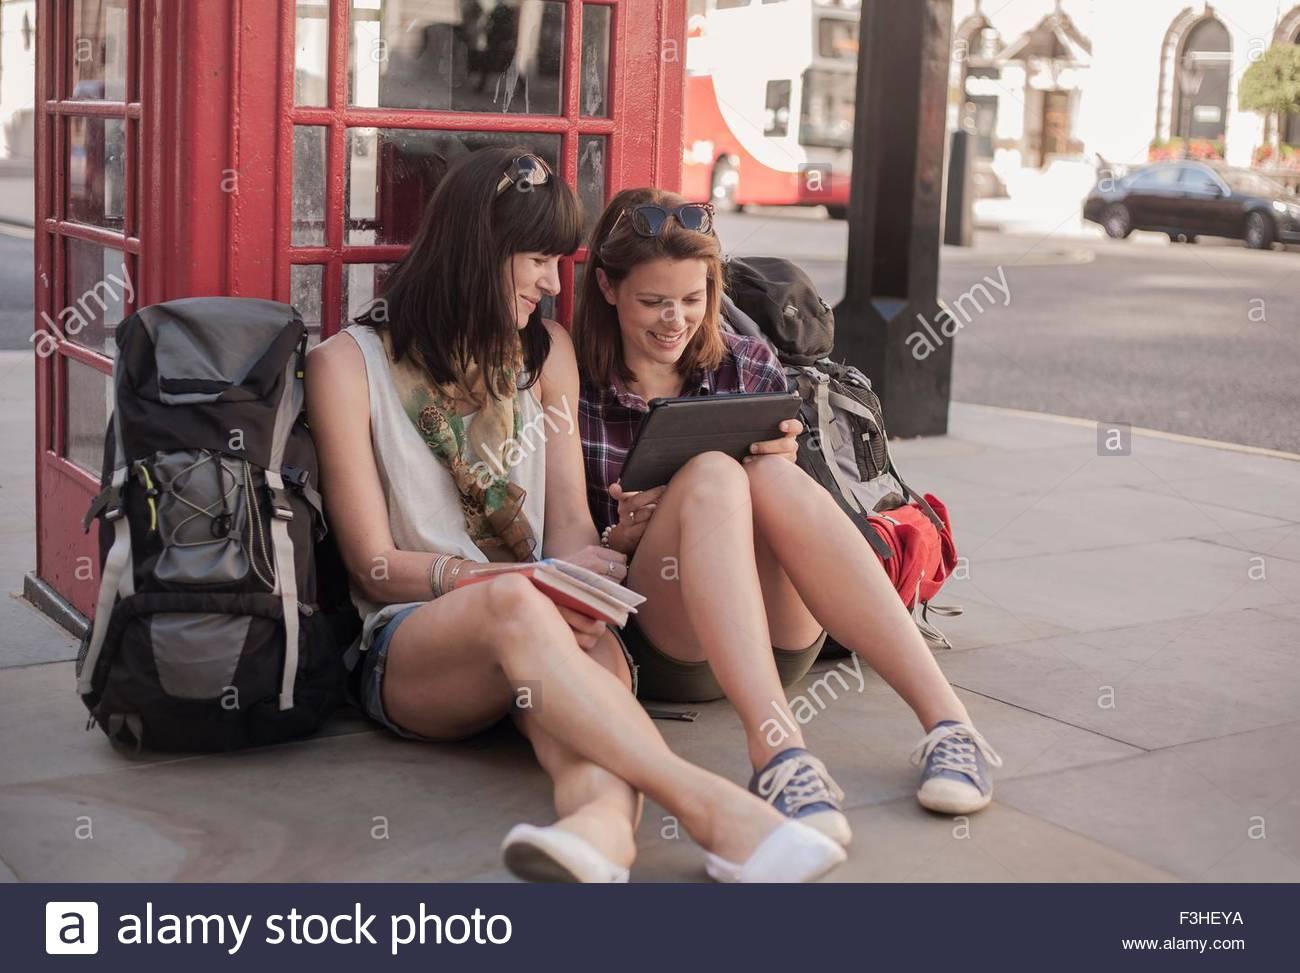 Dos mujeres sentadas en la acera para mochileros ruta de planificación sobre la tableta digital, Londres, Reino Imagen De Stock